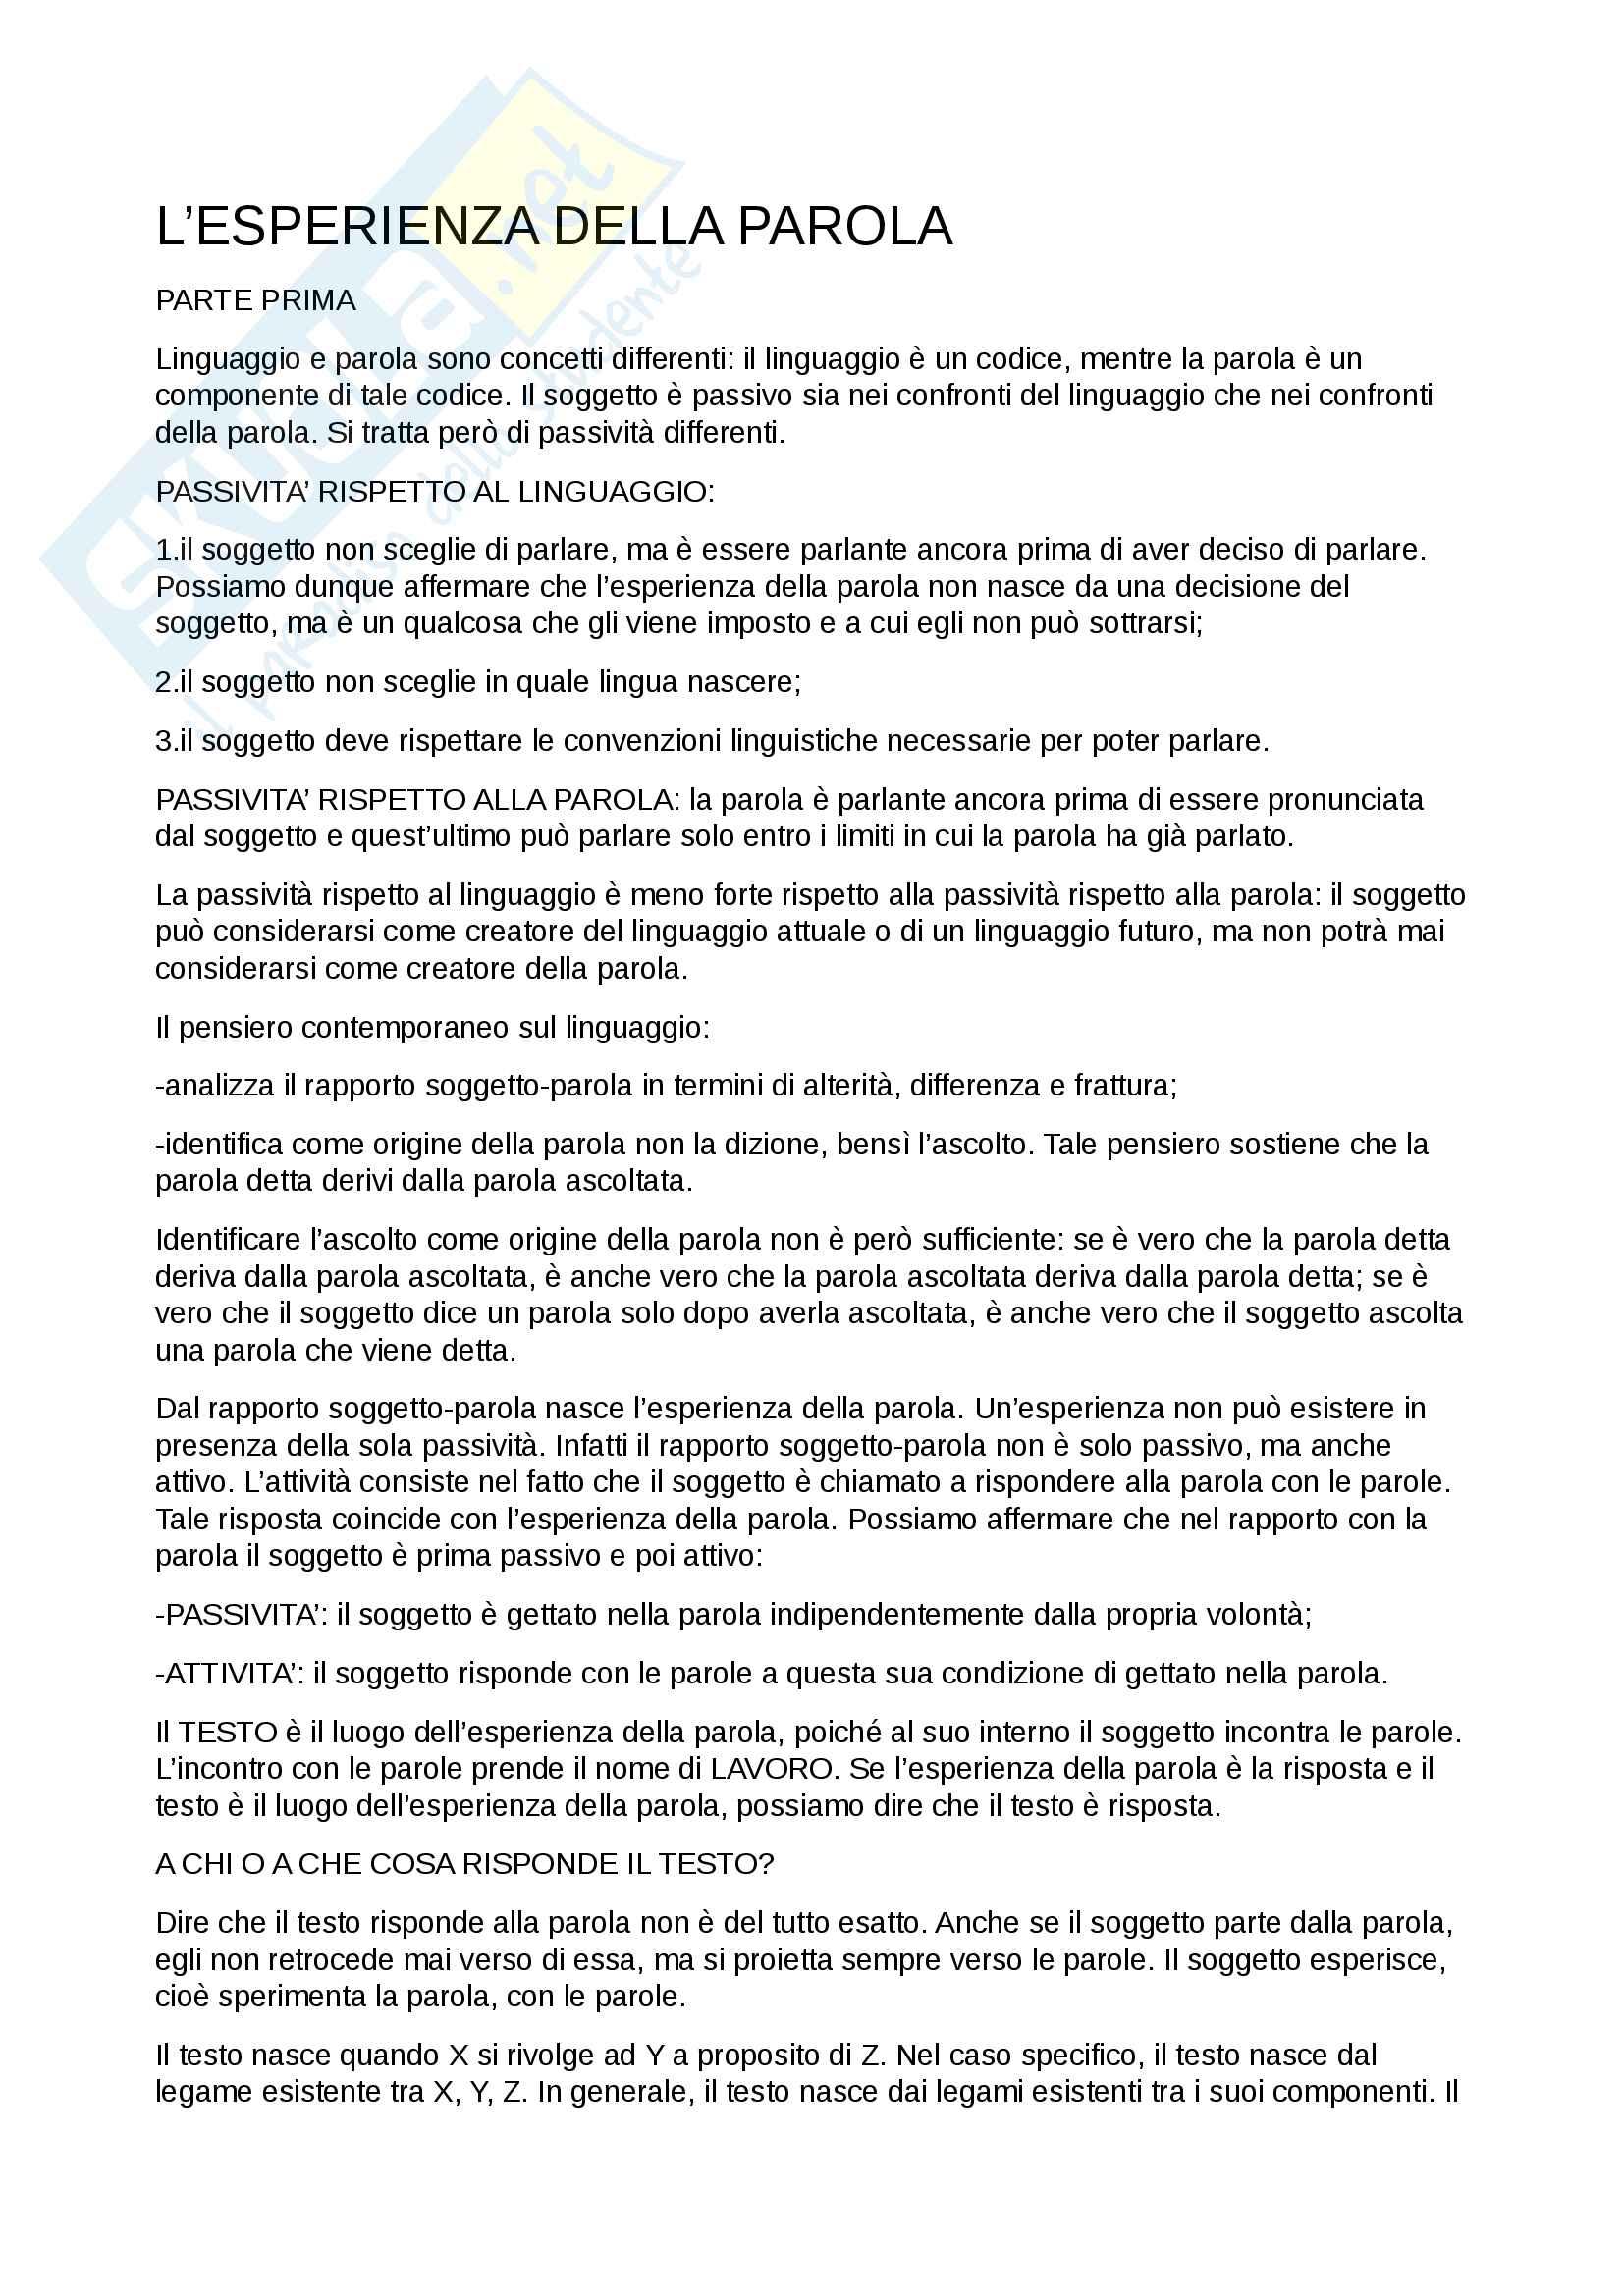 Riassunto esame di teorie della comunicazione, prof. Silvano Petrosino, libro consigliato L'esperienza della parola. Testo, moralità e scrittura, 2008, S.Petrosino